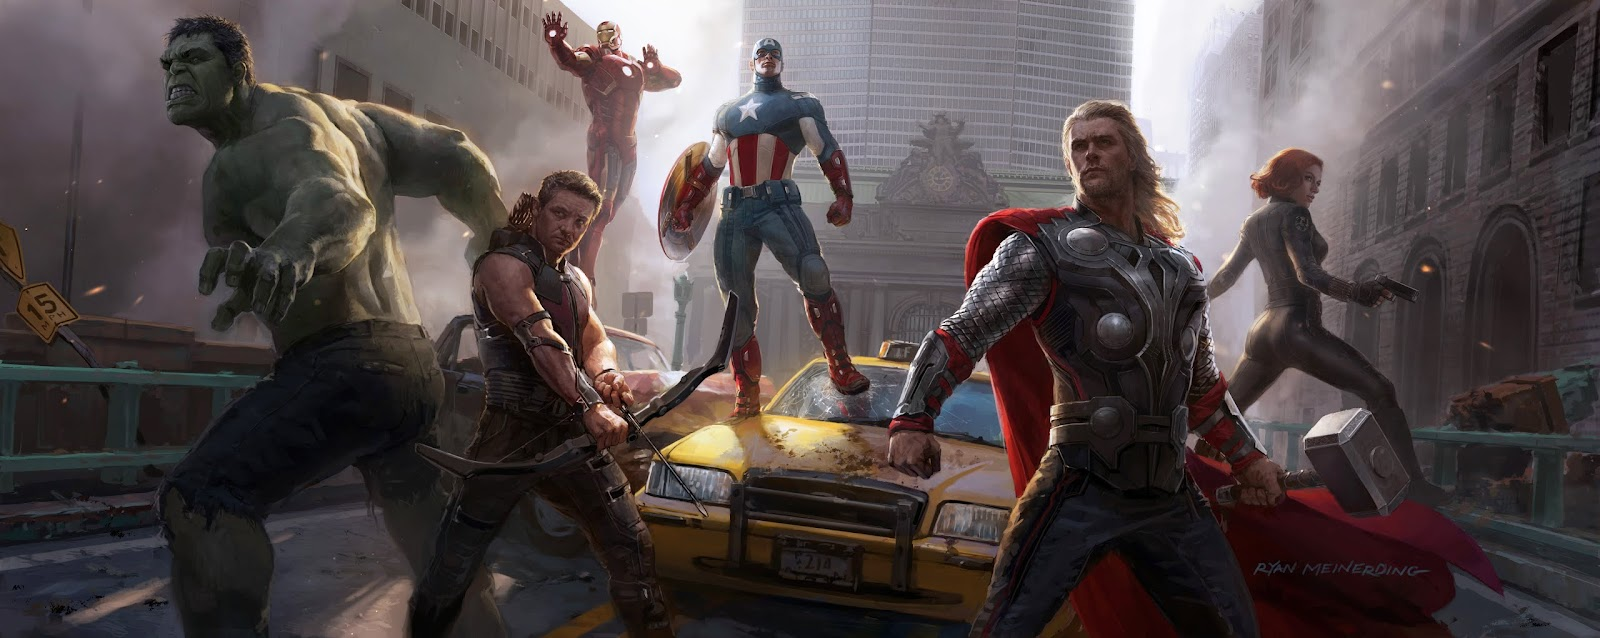 Avengers-Wallpaper-2.jpg